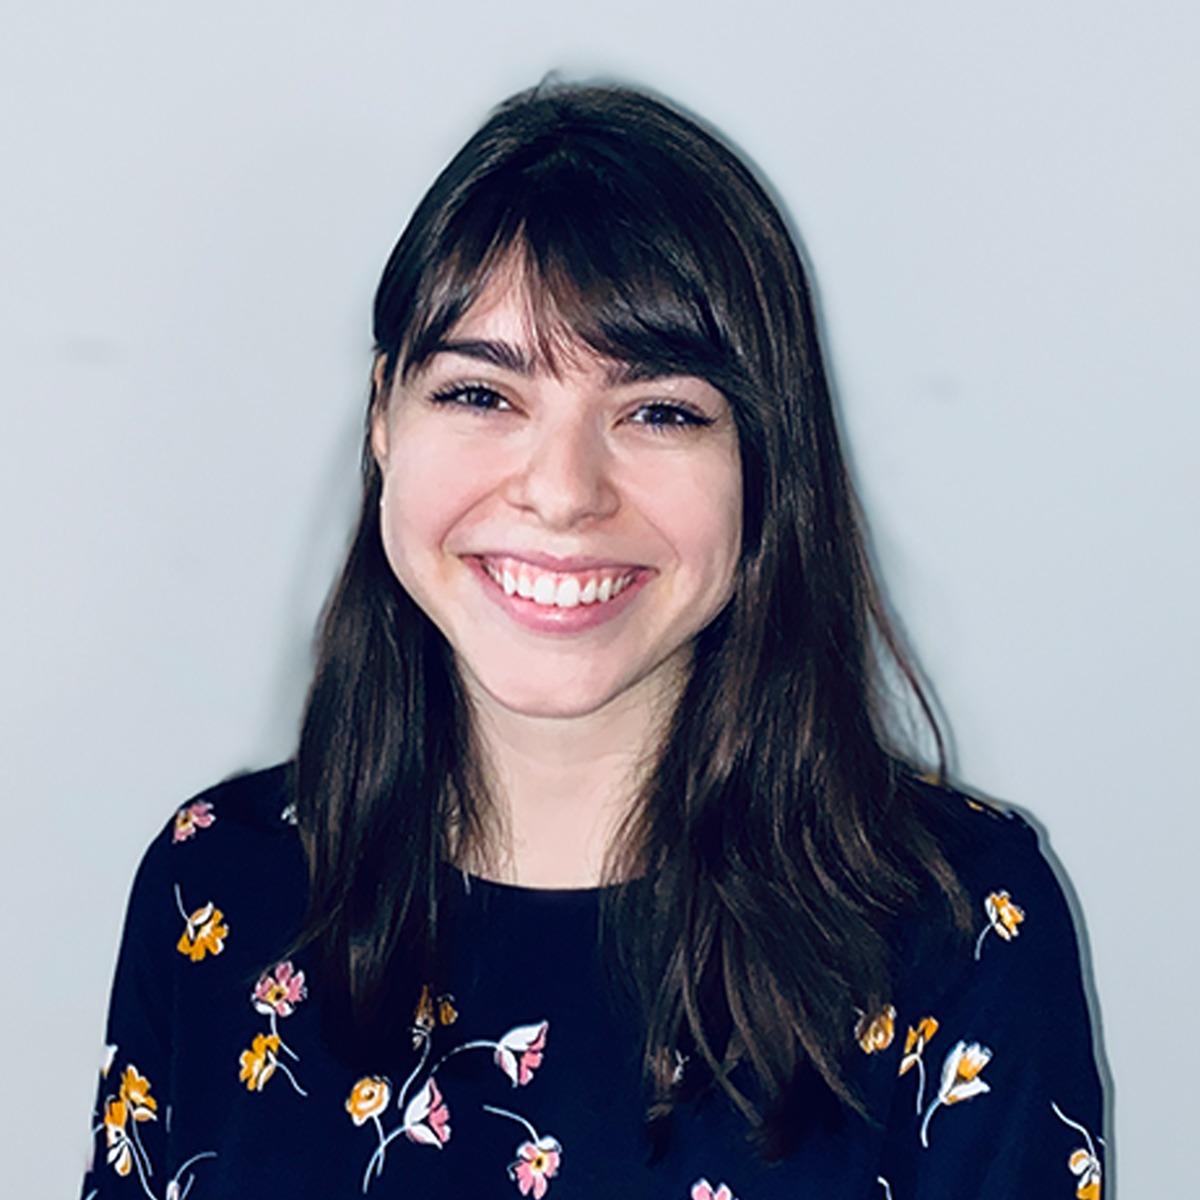 Amy Corradino